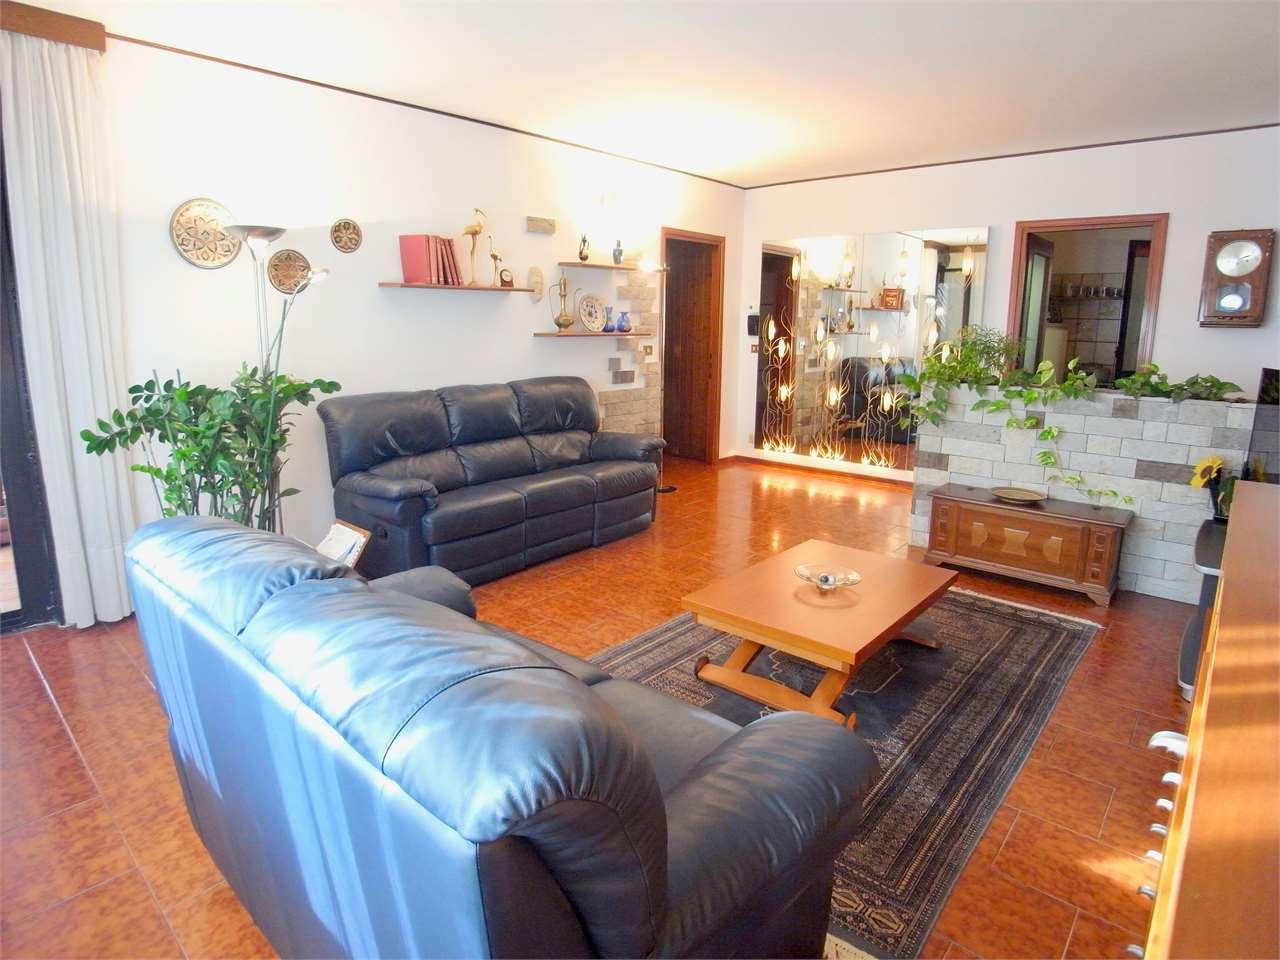 Appartamento in vendita a Muggia, 4 locali, zona Località: Muggia, prezzo € 85.000 | CambioCasa.it